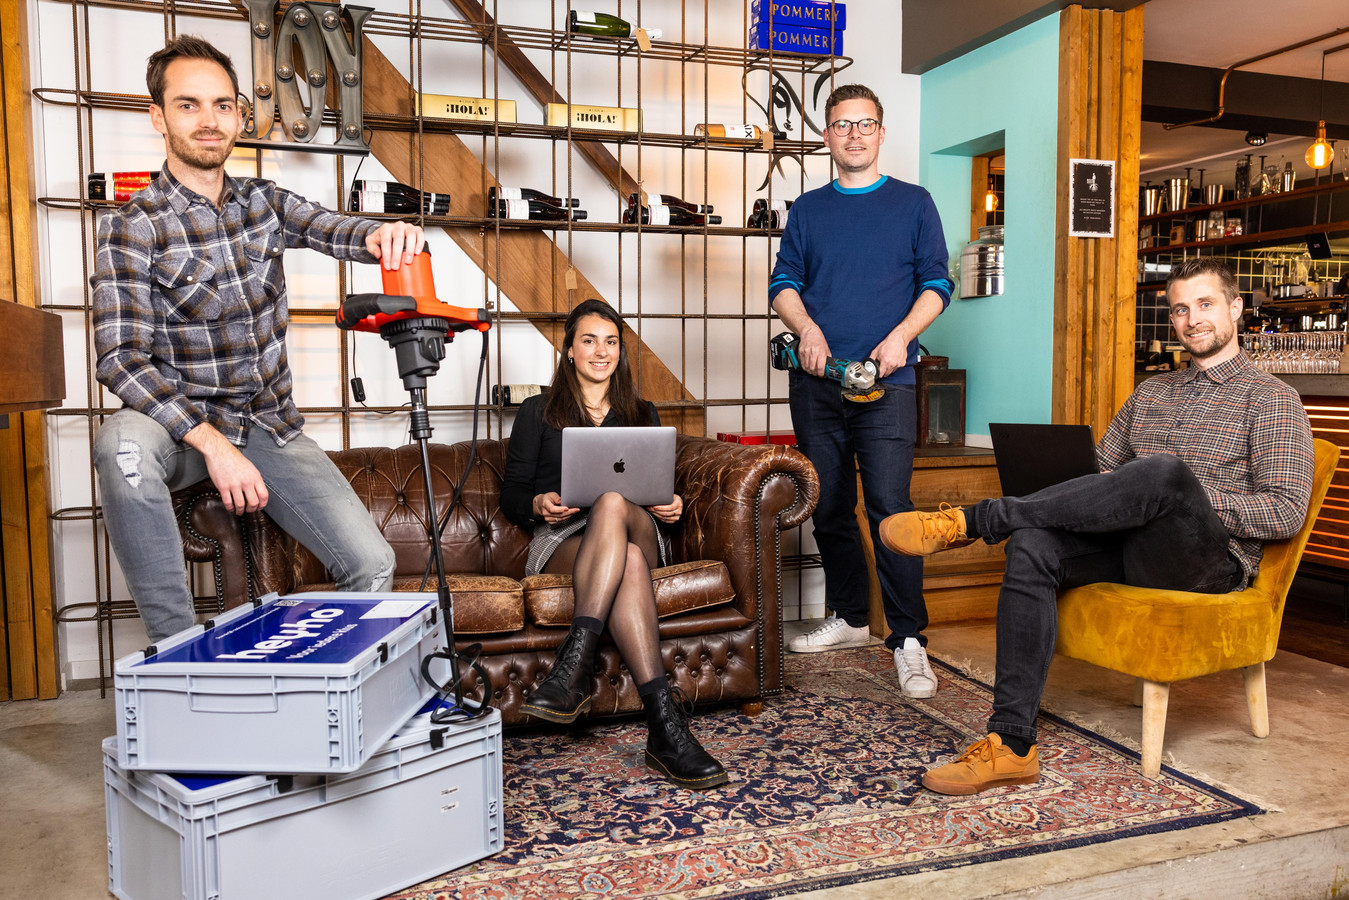 Groepsfoto van de ondernemers van gereedschapsverhuur bedrijf HeyHo, werkend vanuit restaurant Roots in Hilvarenbeek, met vlnr: Sander Hoogers, Femke Bertens, Bram Mutsaers en Chris Traxel.